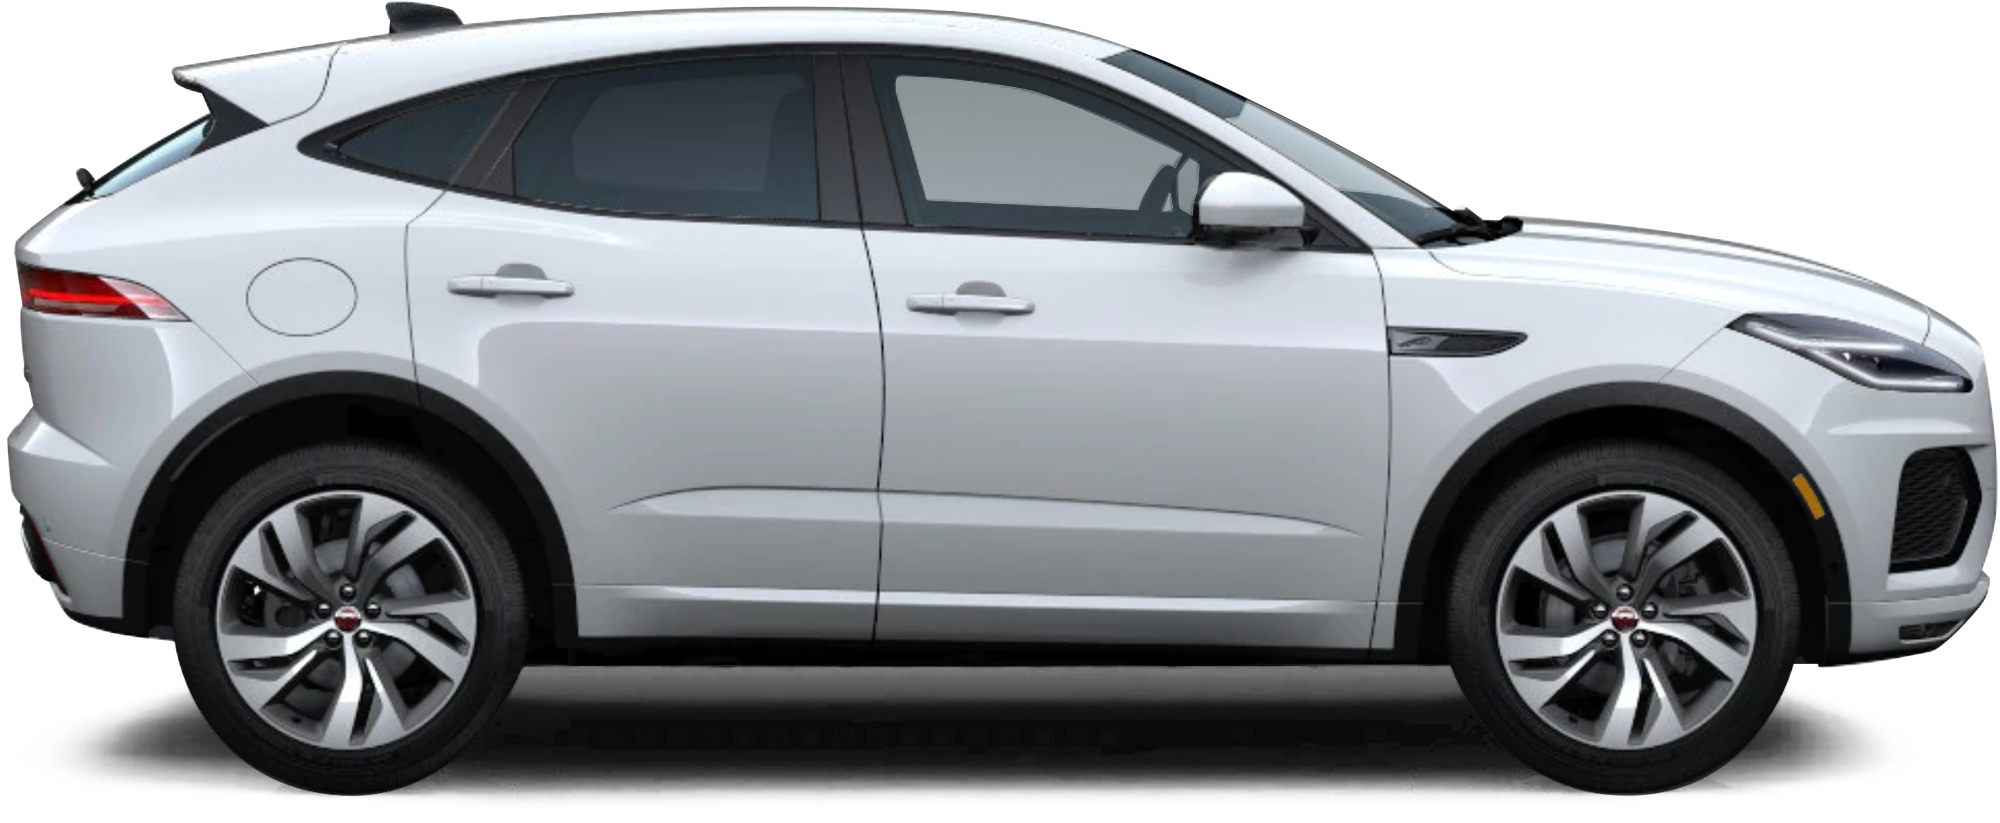 2021 Jaguar E-PACE SUV 300 Sport